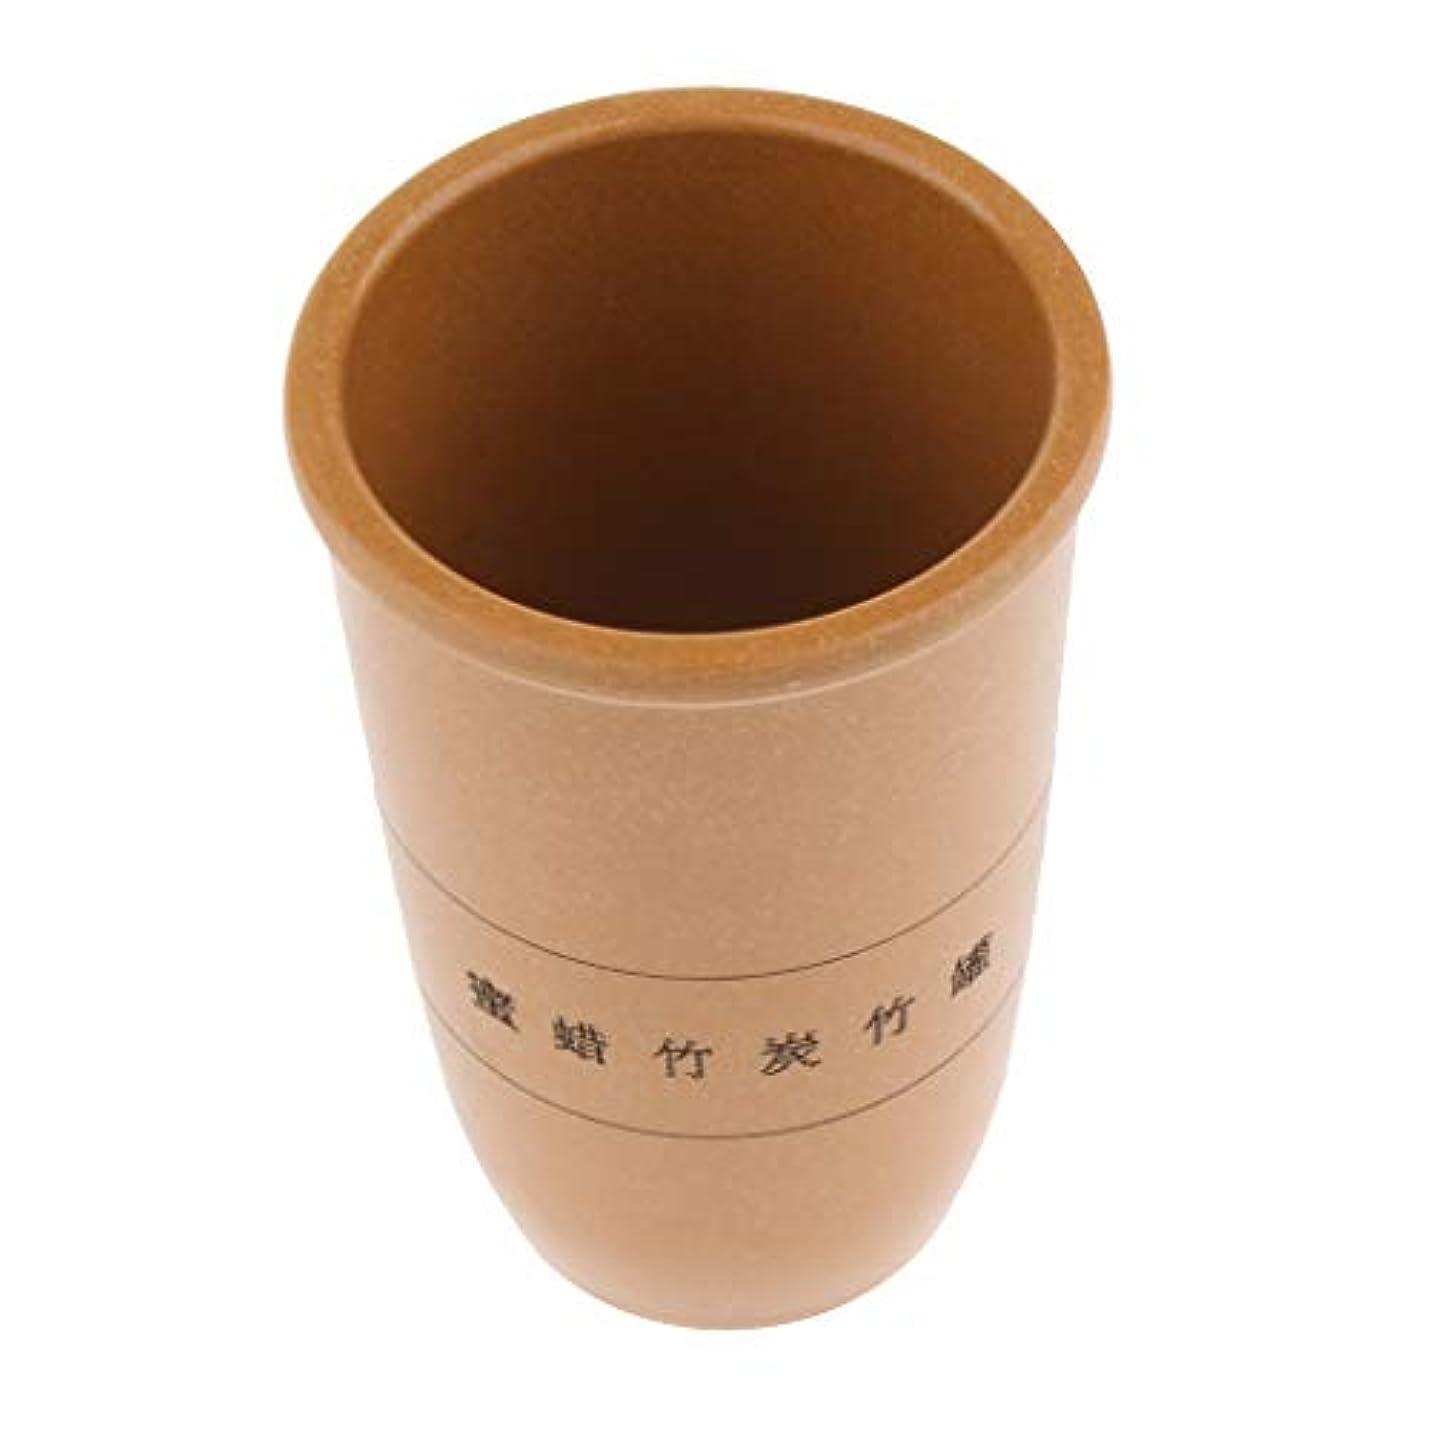 瞑想的とても多くの泥中国 伝統的 カッピング 吸い玉 ボディマッサージ 竹ウッド製 腫脹減軽 抗セルライト 3サイズ選ぶ - 黄, L